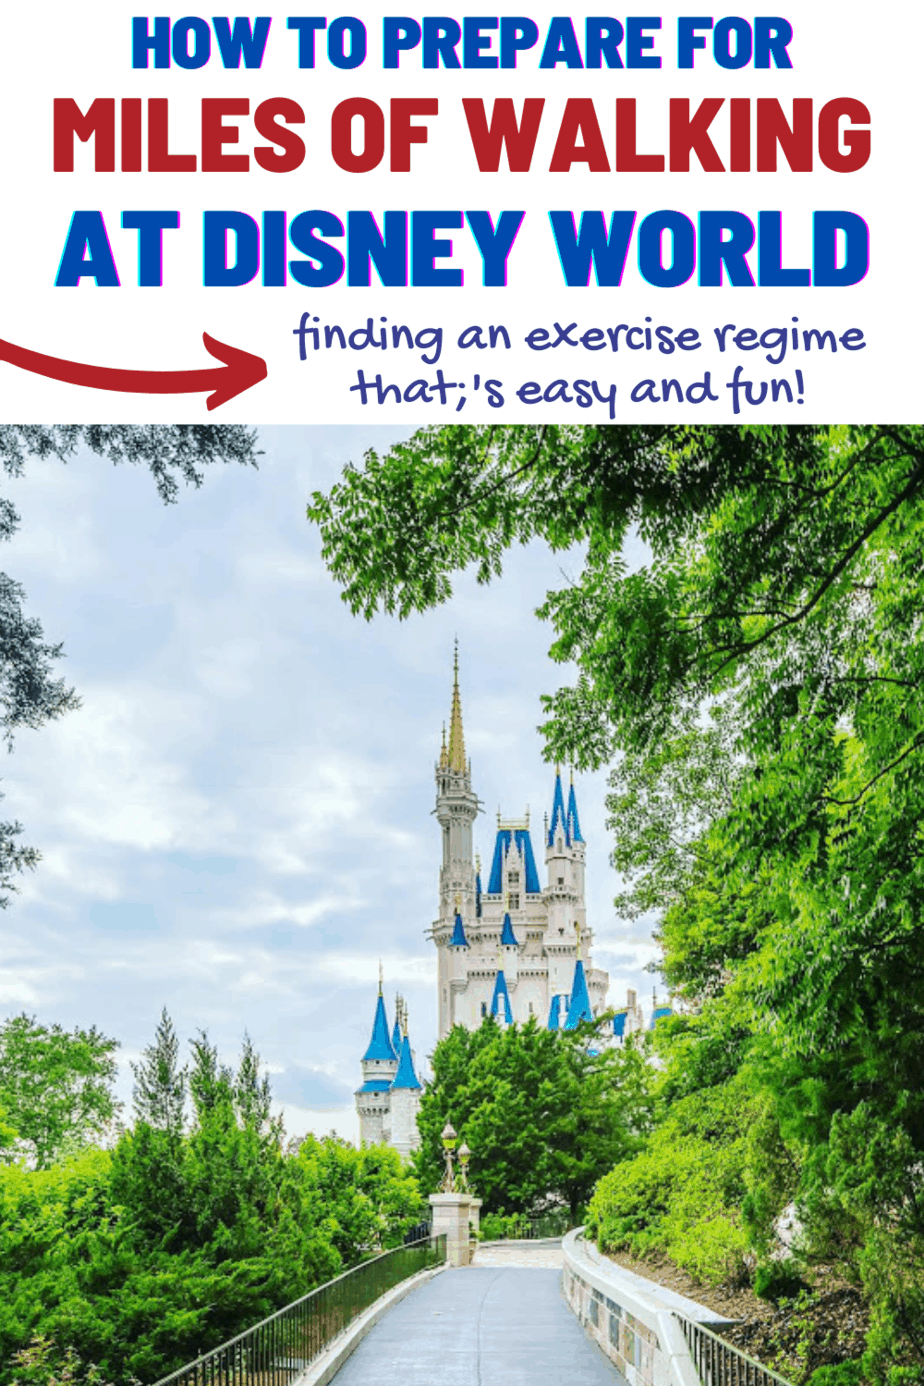 Preparing for walking at Disney World